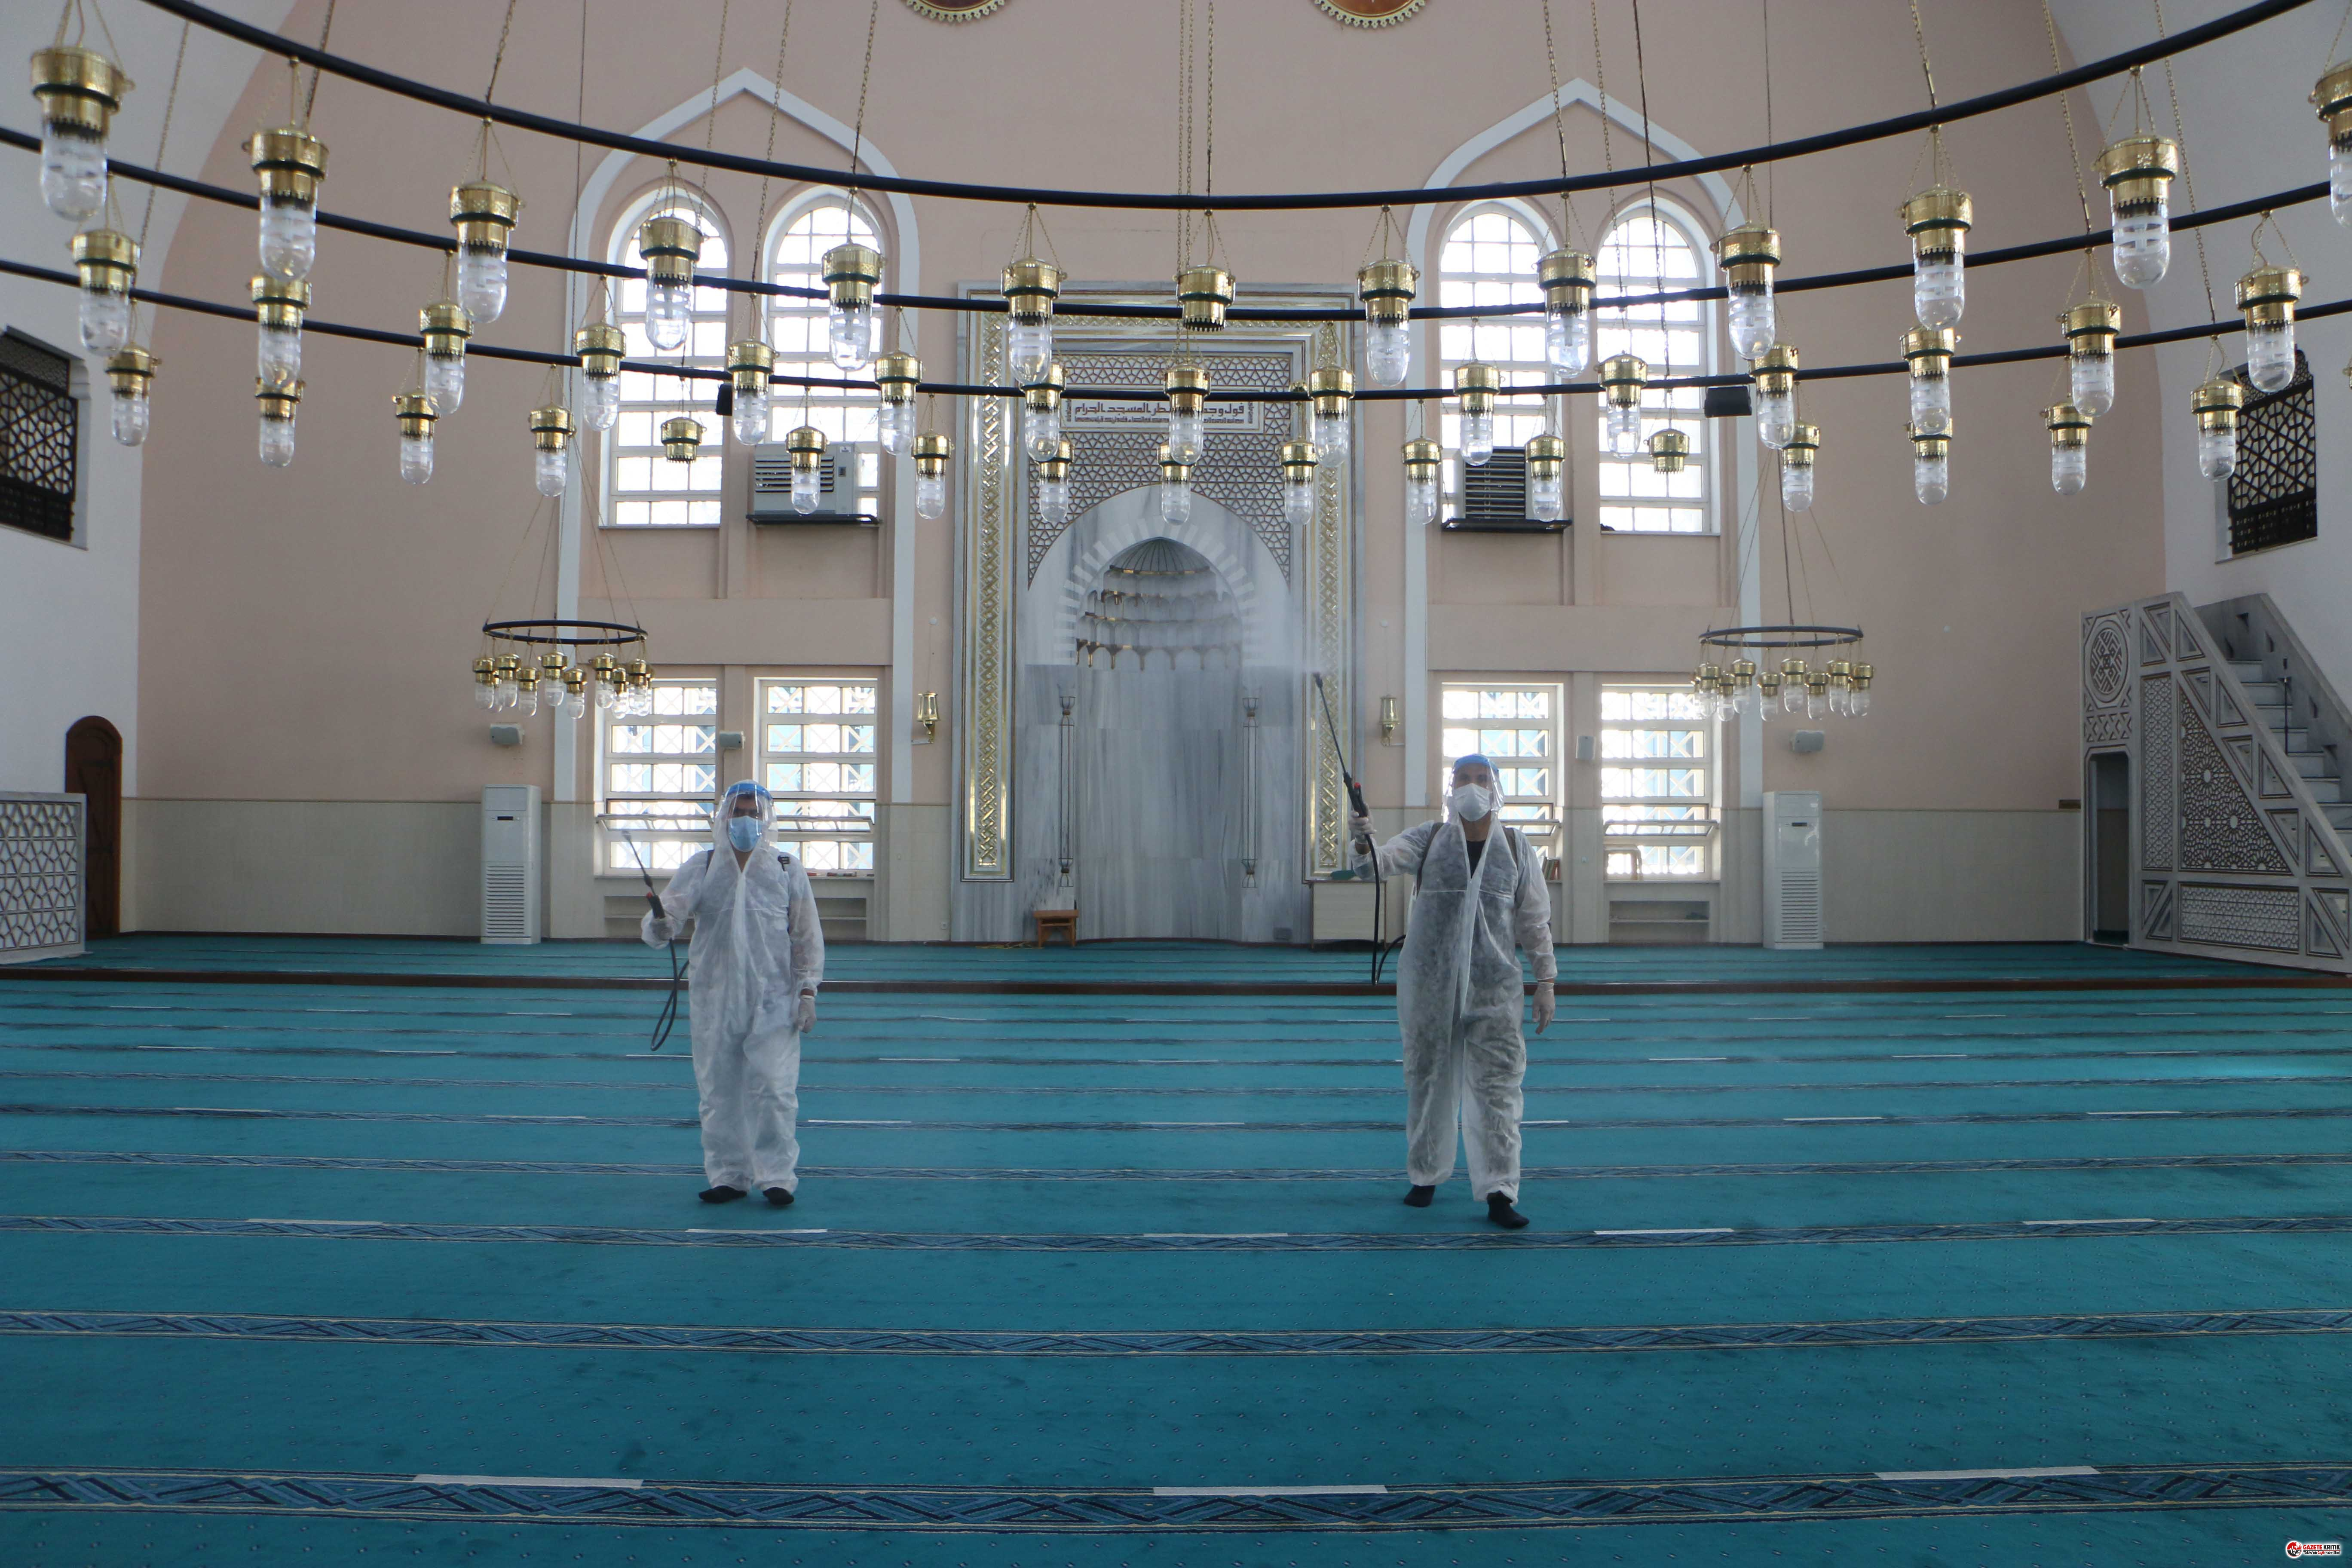 Kartal'daki ibadethaneler bayram öncesi dezenfekte...